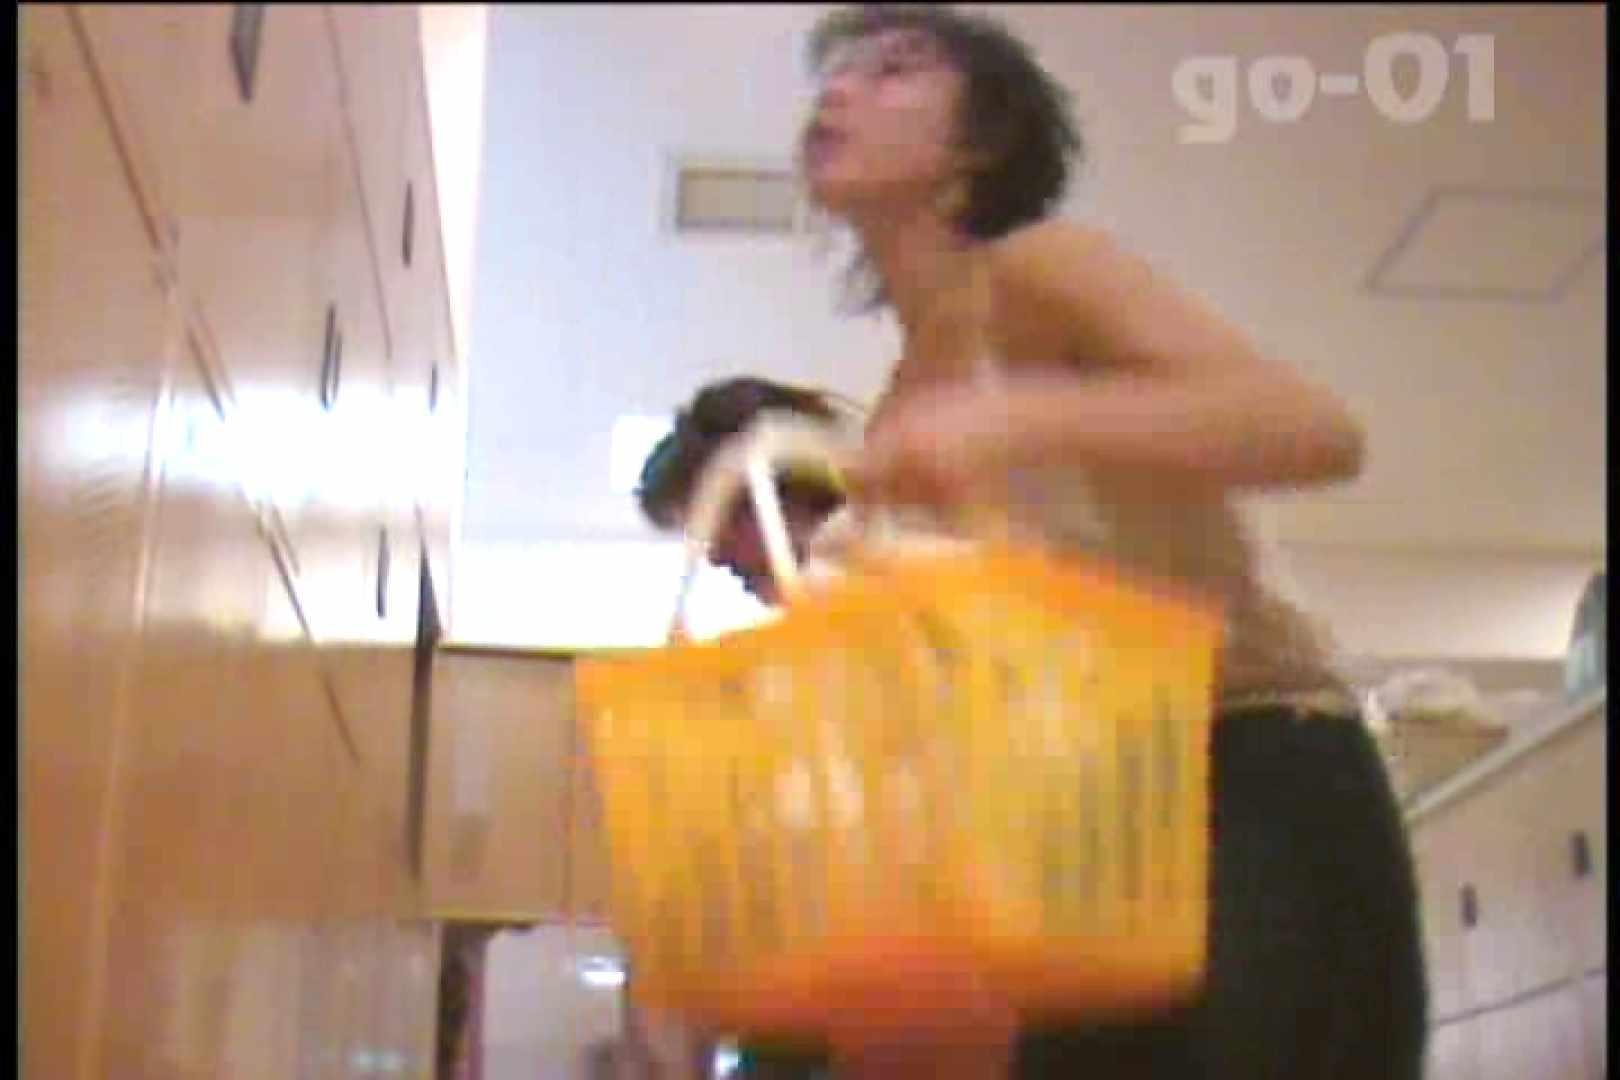 電波カメラ設置浴場からの防HAN映像 Vol.01 シャワー室 | 盗撮編  105枚 45